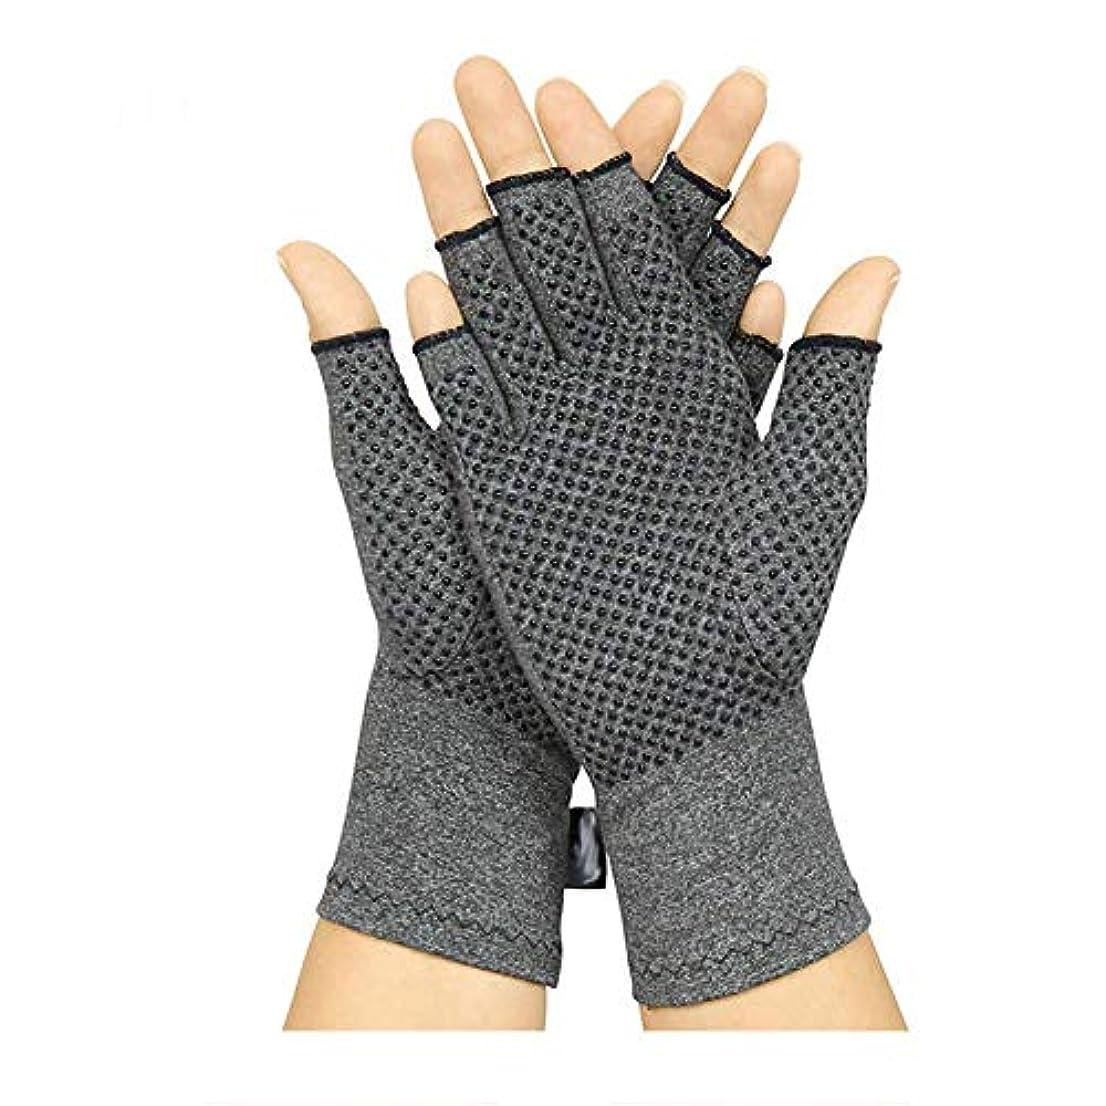 悪意鋭くありそう関節炎手指圧迫手袋、半指手袋、関節炎の関節の痛みの軽減の毎日の使用、男性と女性の手根管(1ペア)、M